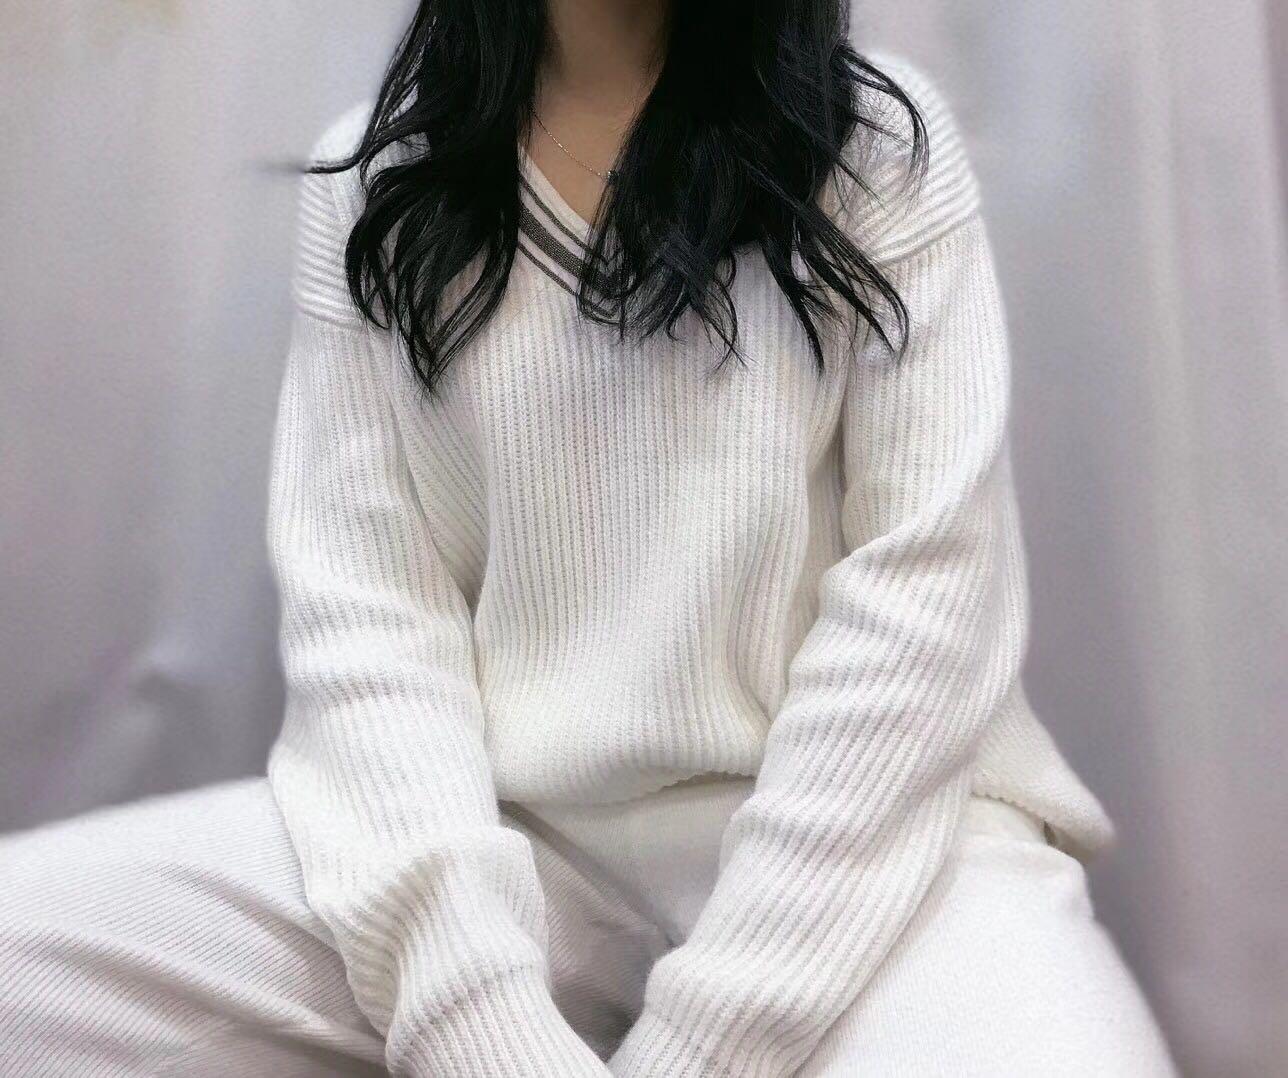 Dans Temps Cachemire D'hiver De Manches Tenues 2 Pour Blanc Lanterne 2018 Pièce En Costume Le V Laine Casual Nouveau cou Deux pièce Limitée Knit gris Femmes tqwxxz0Y5